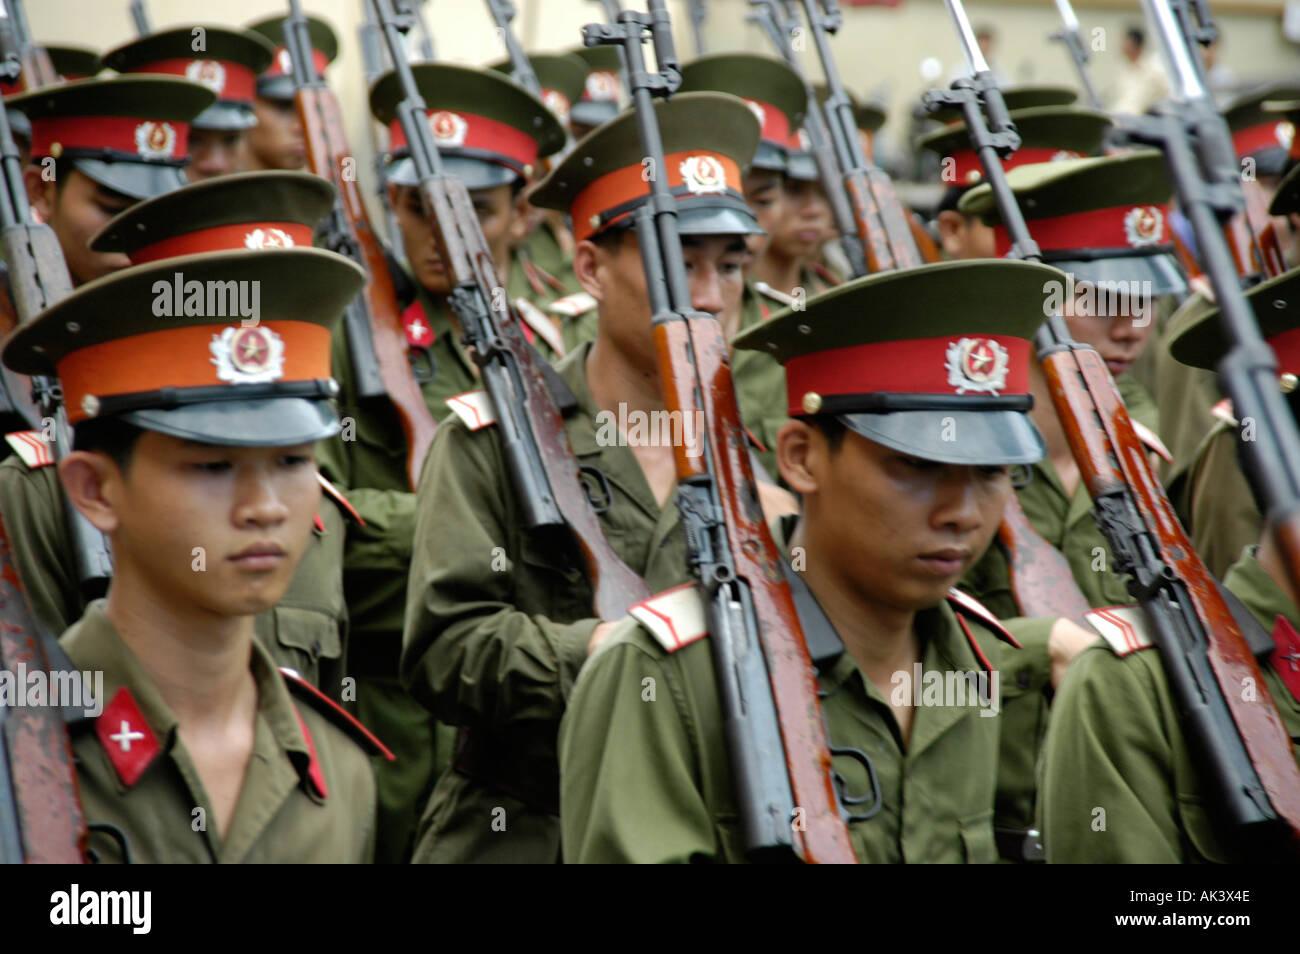 ¿Es peor dejar un recién nacido abandonado para que muera, que abortar? - Página 10 Soldados-del-ejercito-vietnamita-marchando-con-rifles-ho-chi-minh-saigon-vietnam-ak3x4e